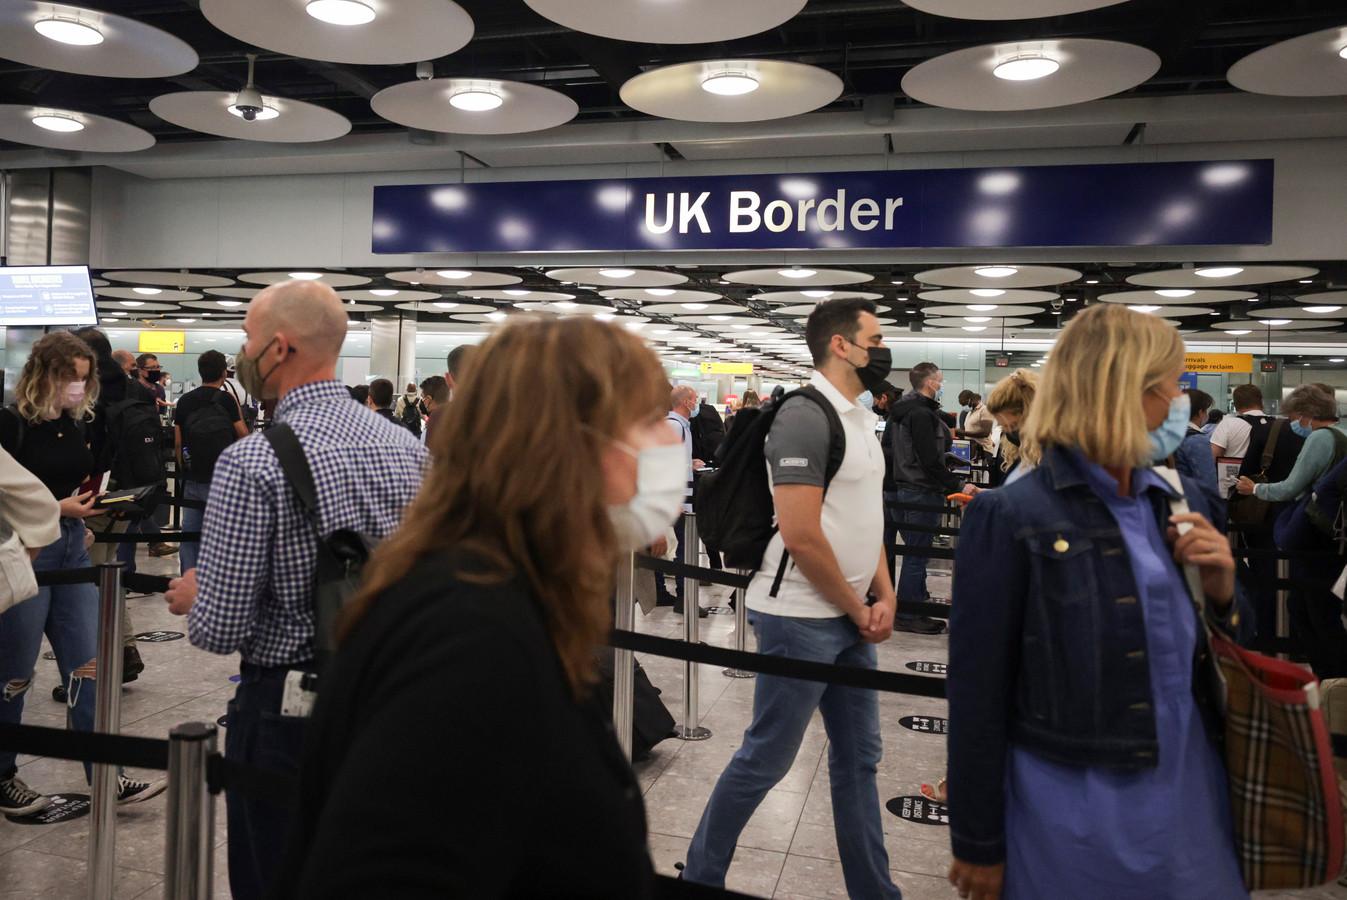 Toegekomen reizigers schuiven aan op de luchthaven van Heathrow.